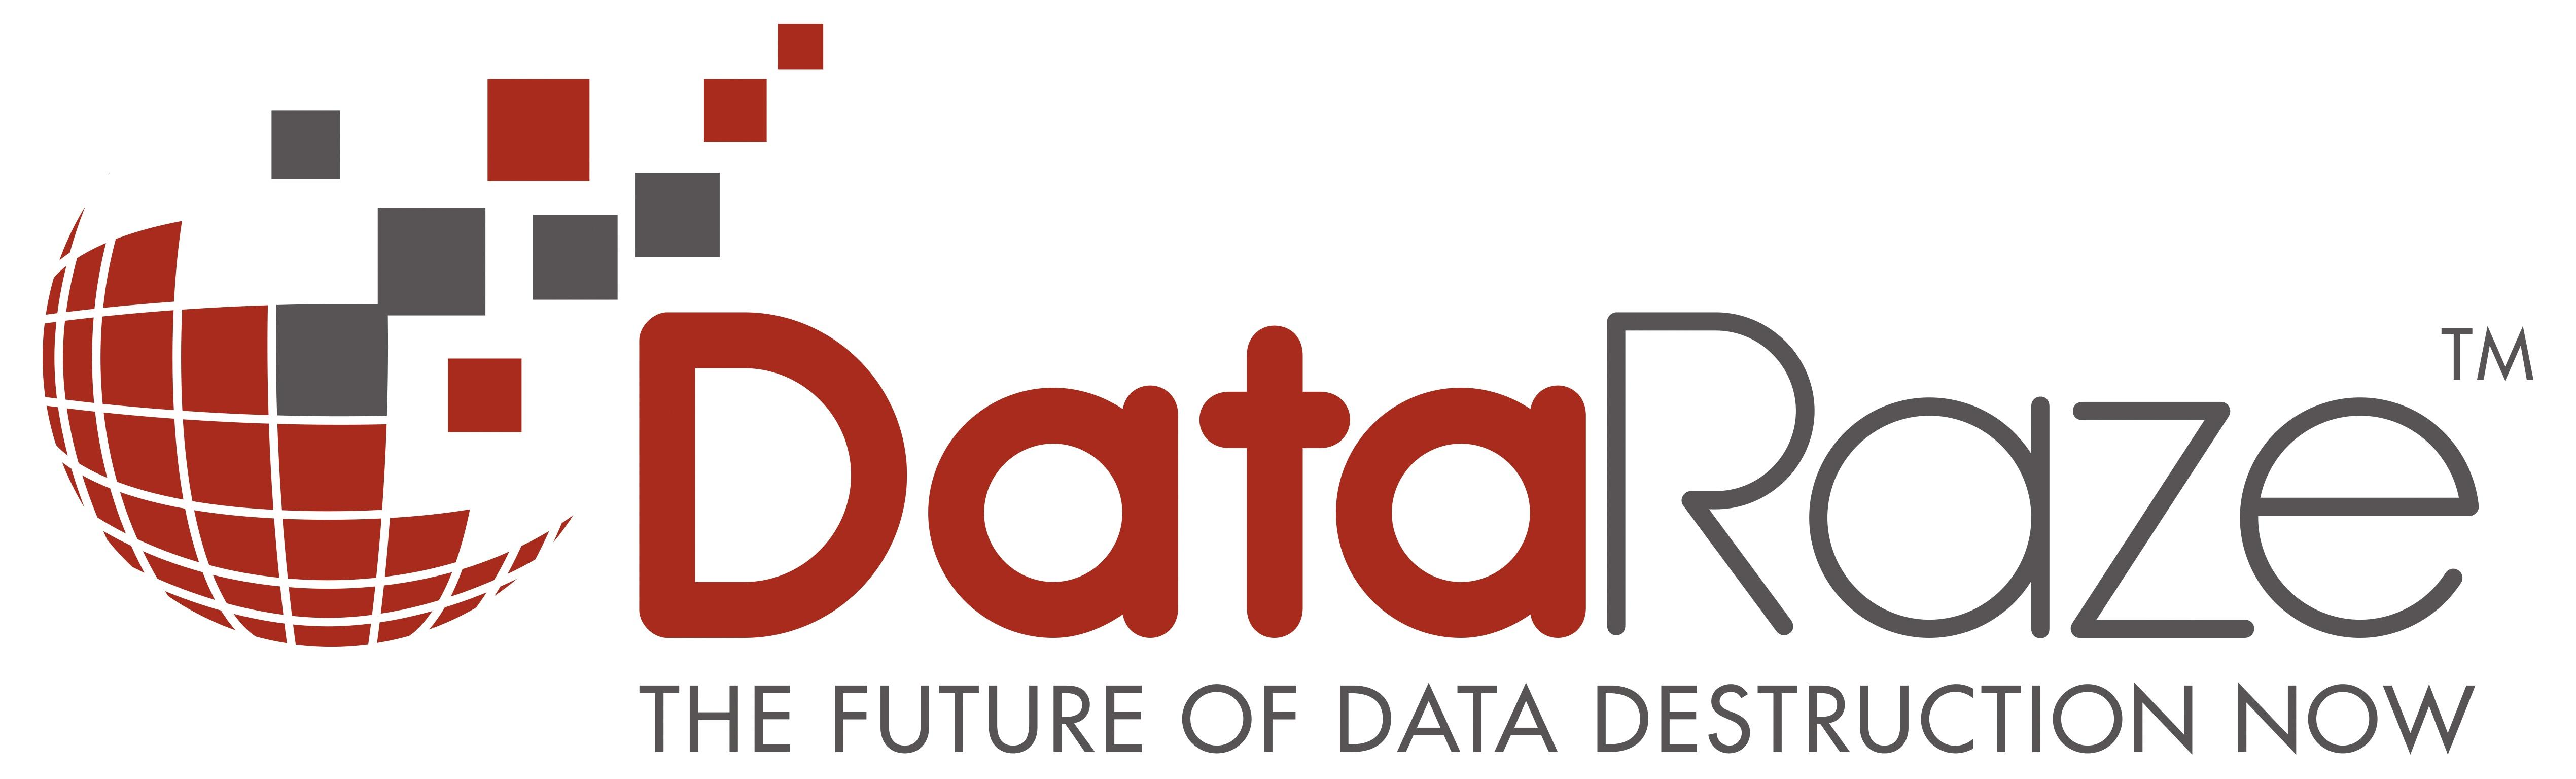 DataRaze_logo_rgb.jpg